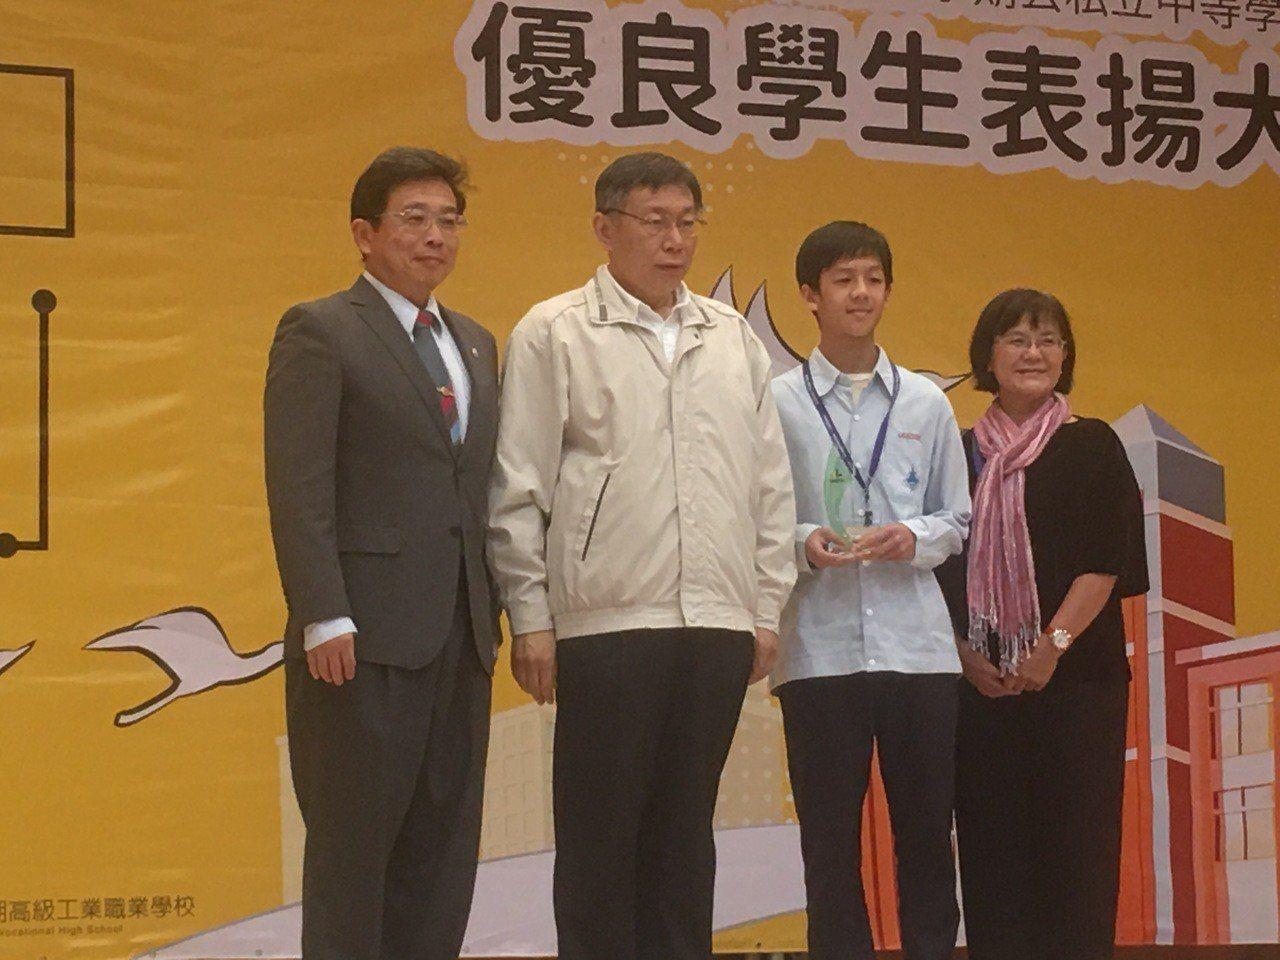 台北市長柯文哲(左2)下午出席教育局優良學生表揚典禮。記者魏莨伊/攝影